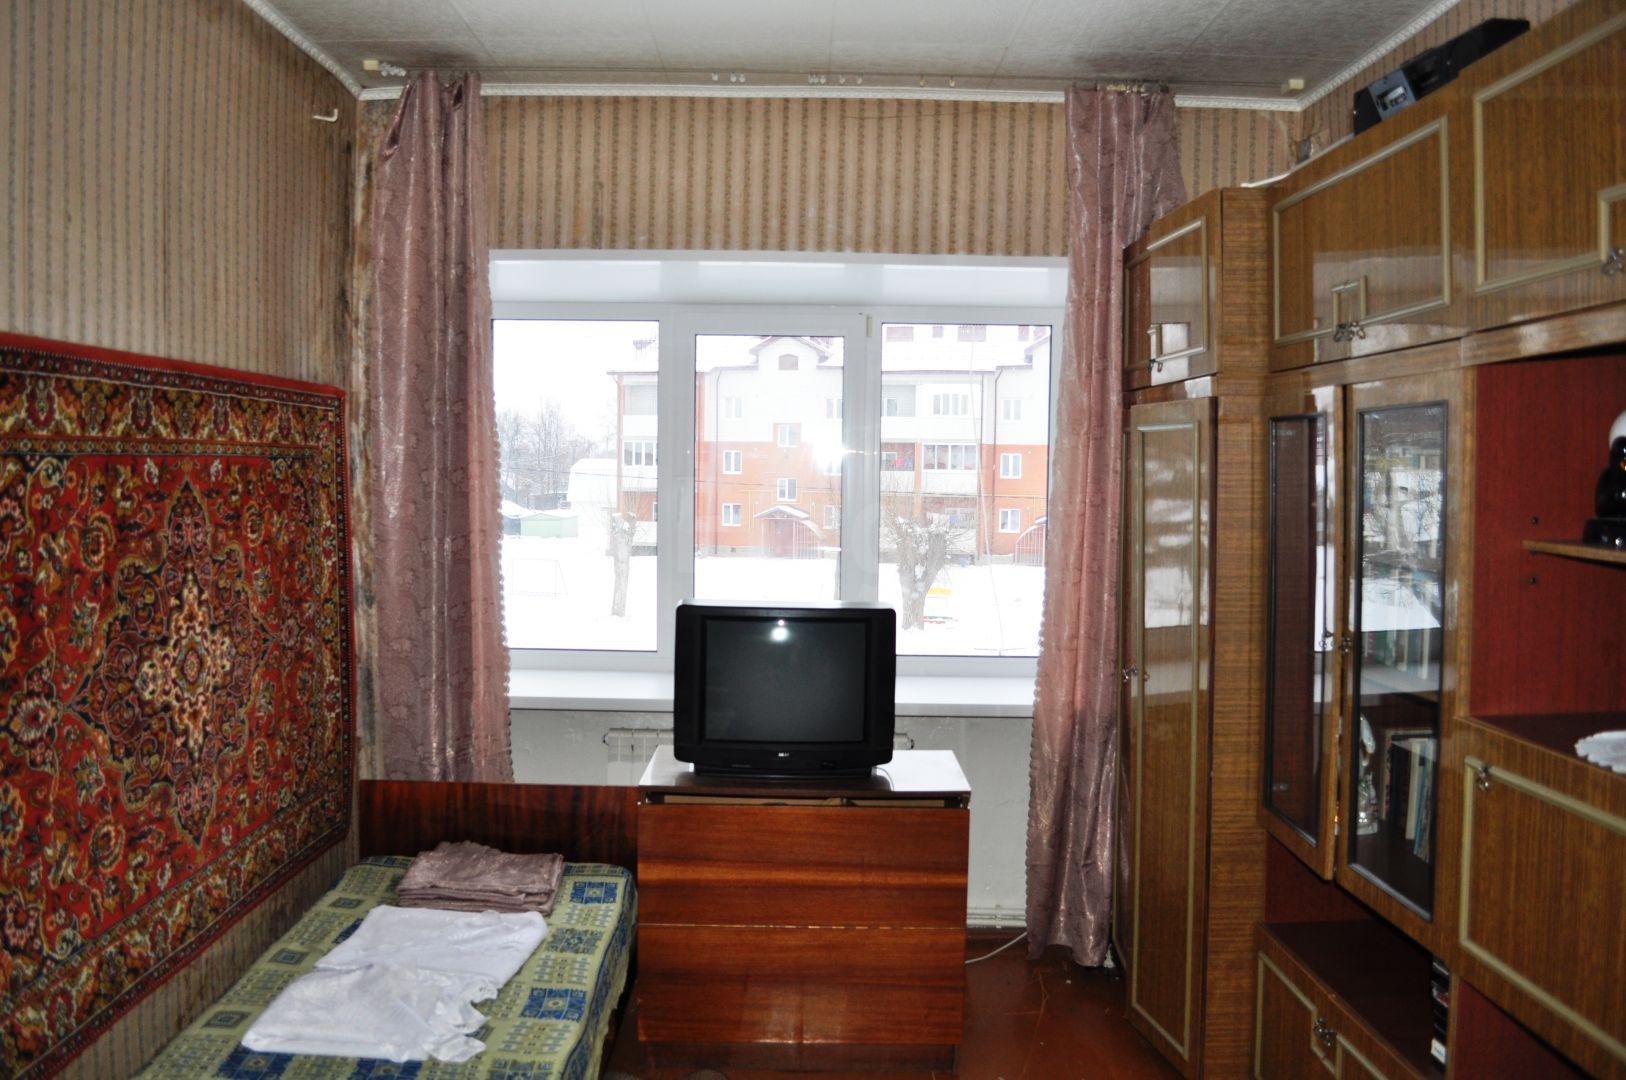 Зимёнки, Мира, 1, 1-к. квартира на продажу